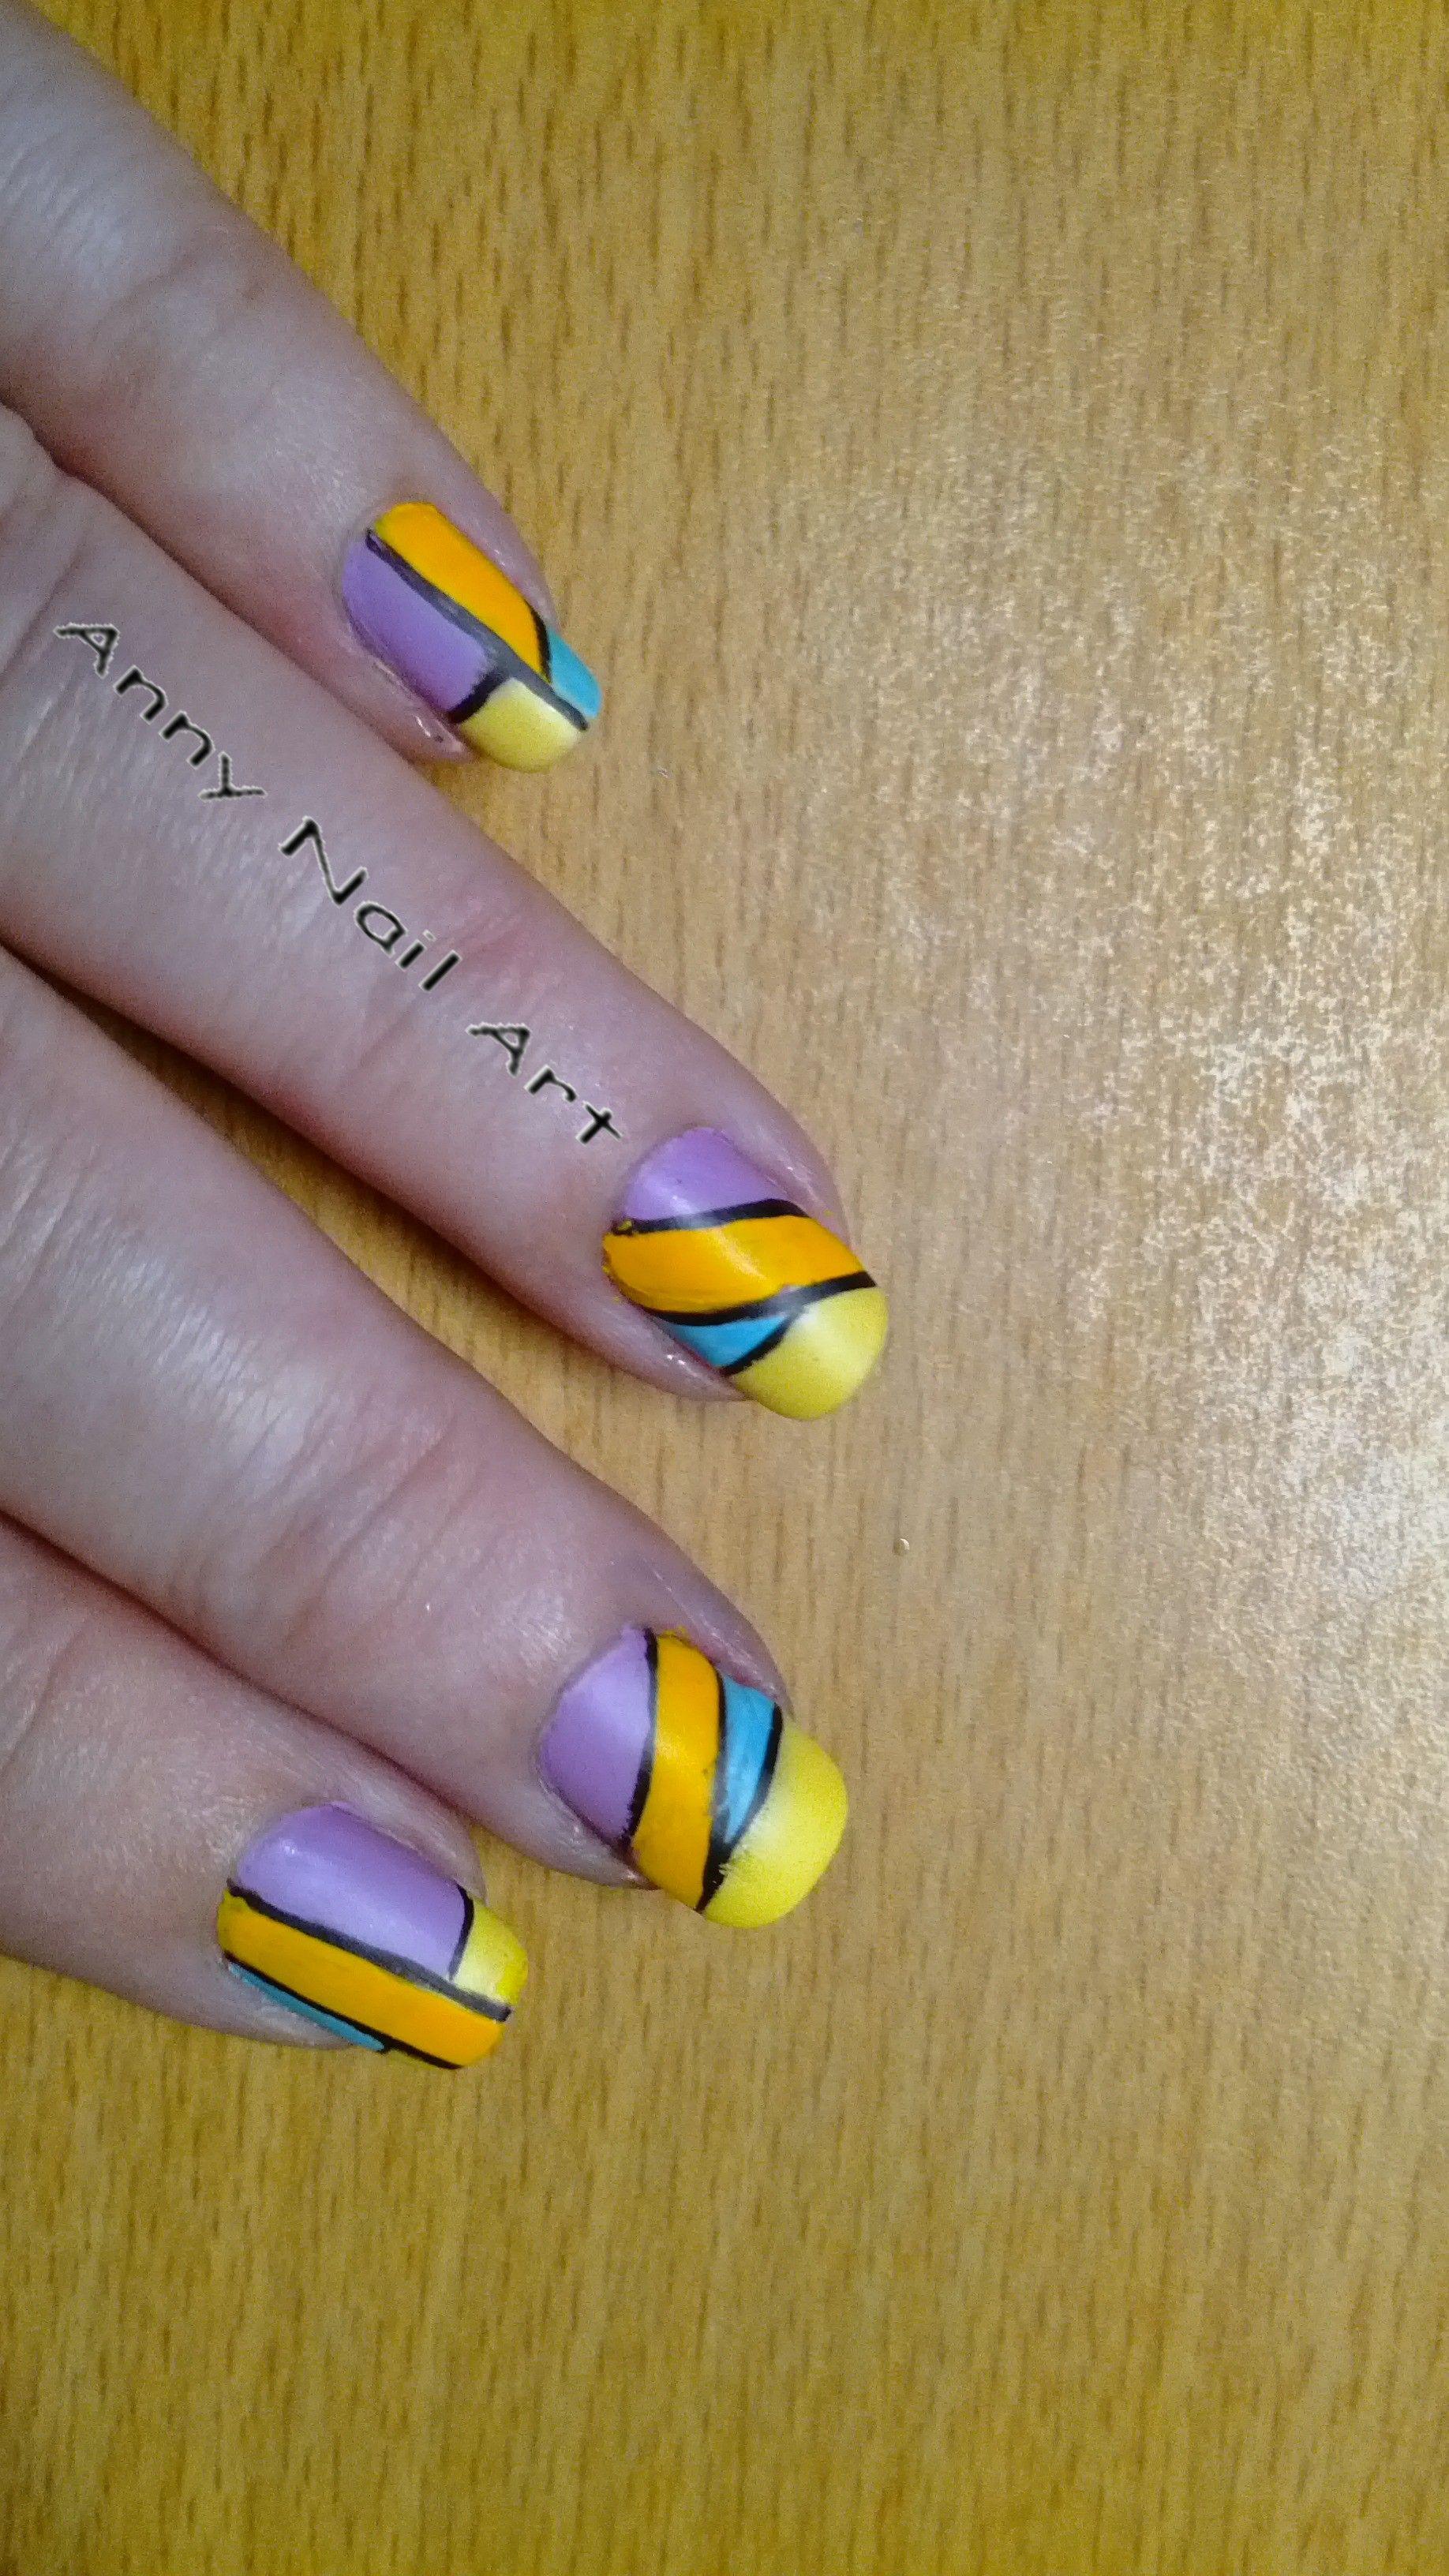 Nail art géométrique https://www.facebook.com/pages/Anny-nails-art-anny-lamande/551388051583198